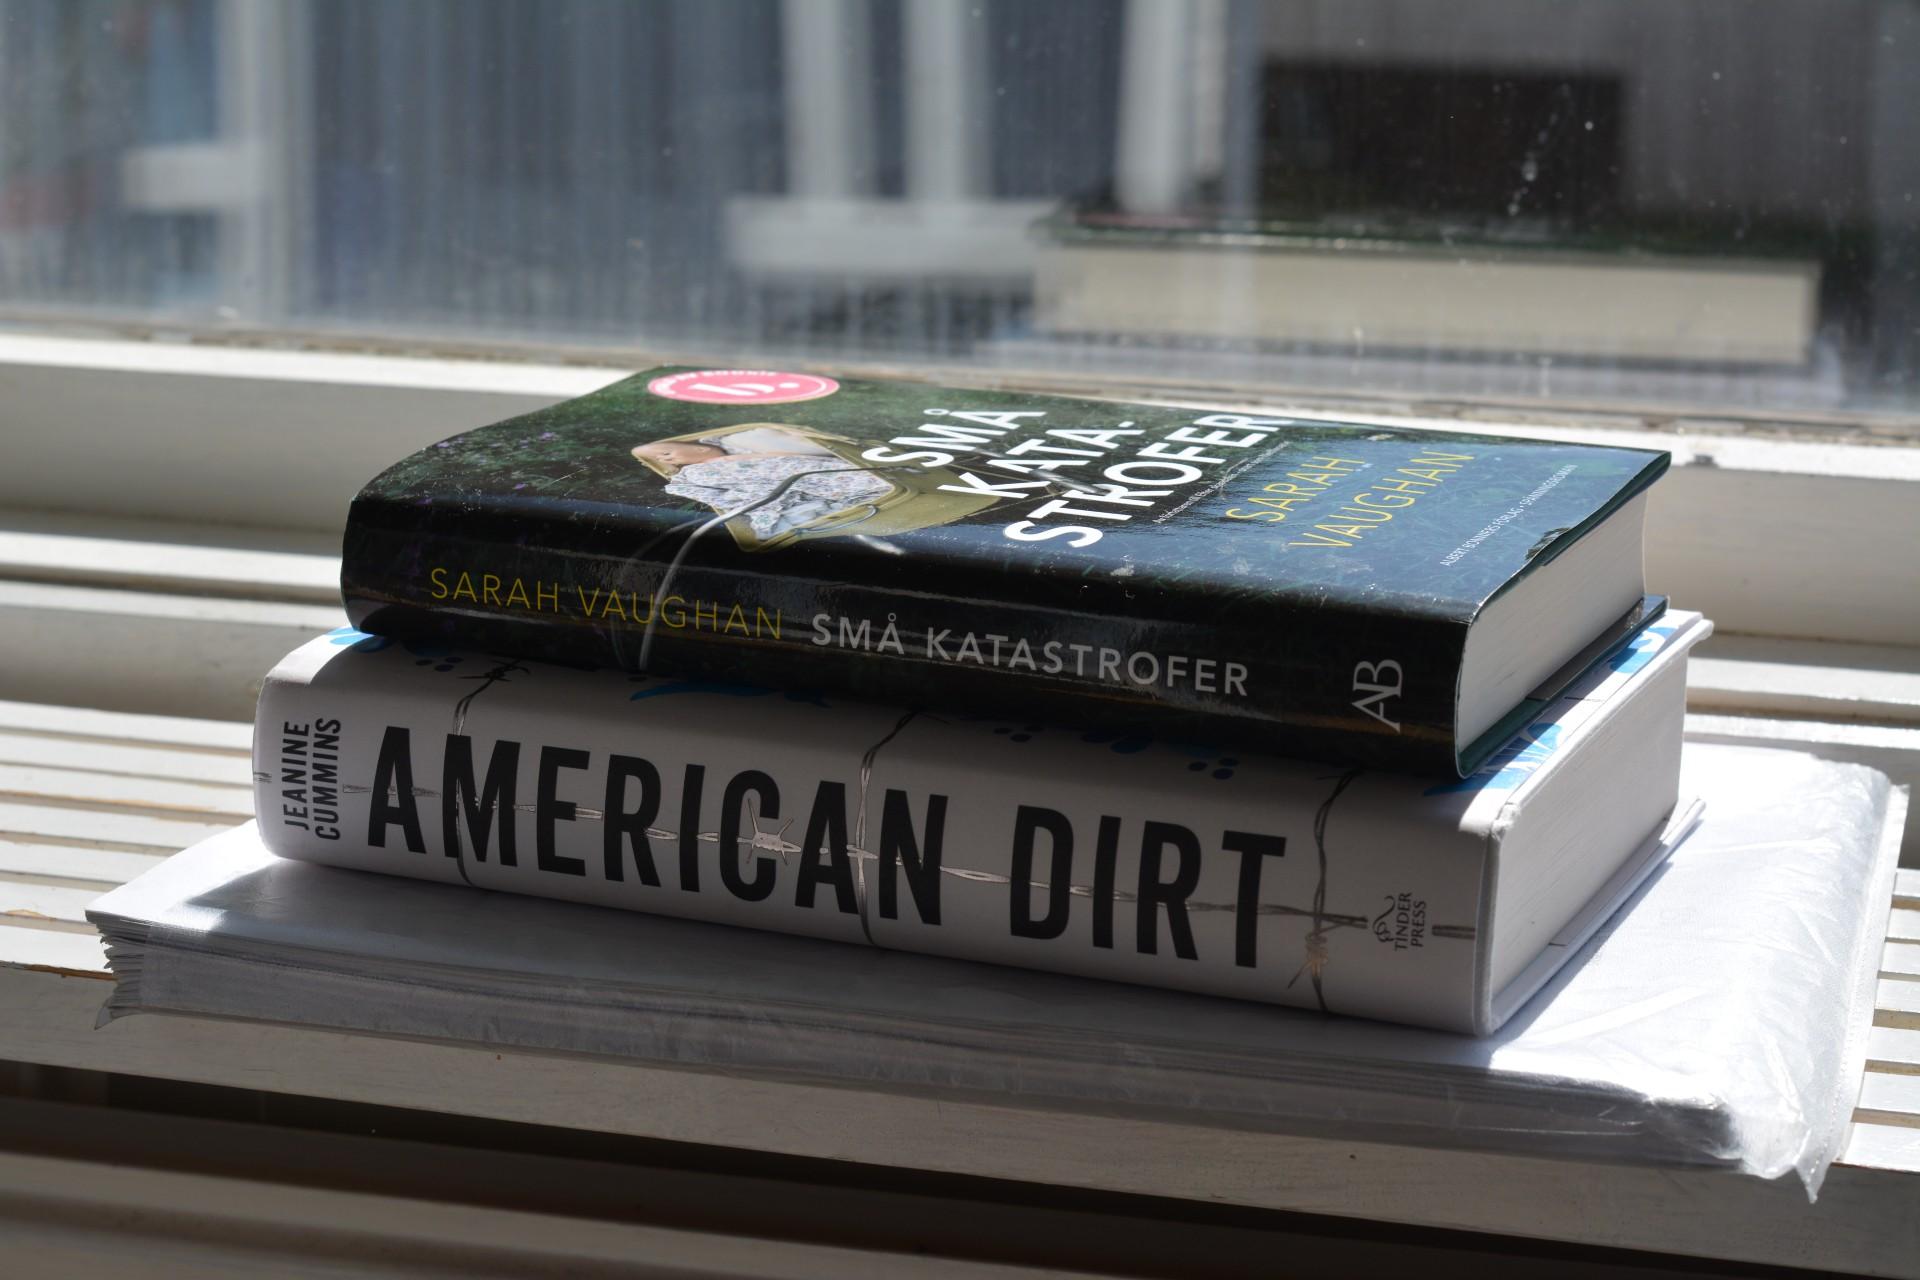 Små katastrofer av Sarah Vaughan och American dirt av Jeanine Cummins och råmanus till Drömma vaken av Ulrika Nettelblad. I ett fönster i solljus, lite motljus.